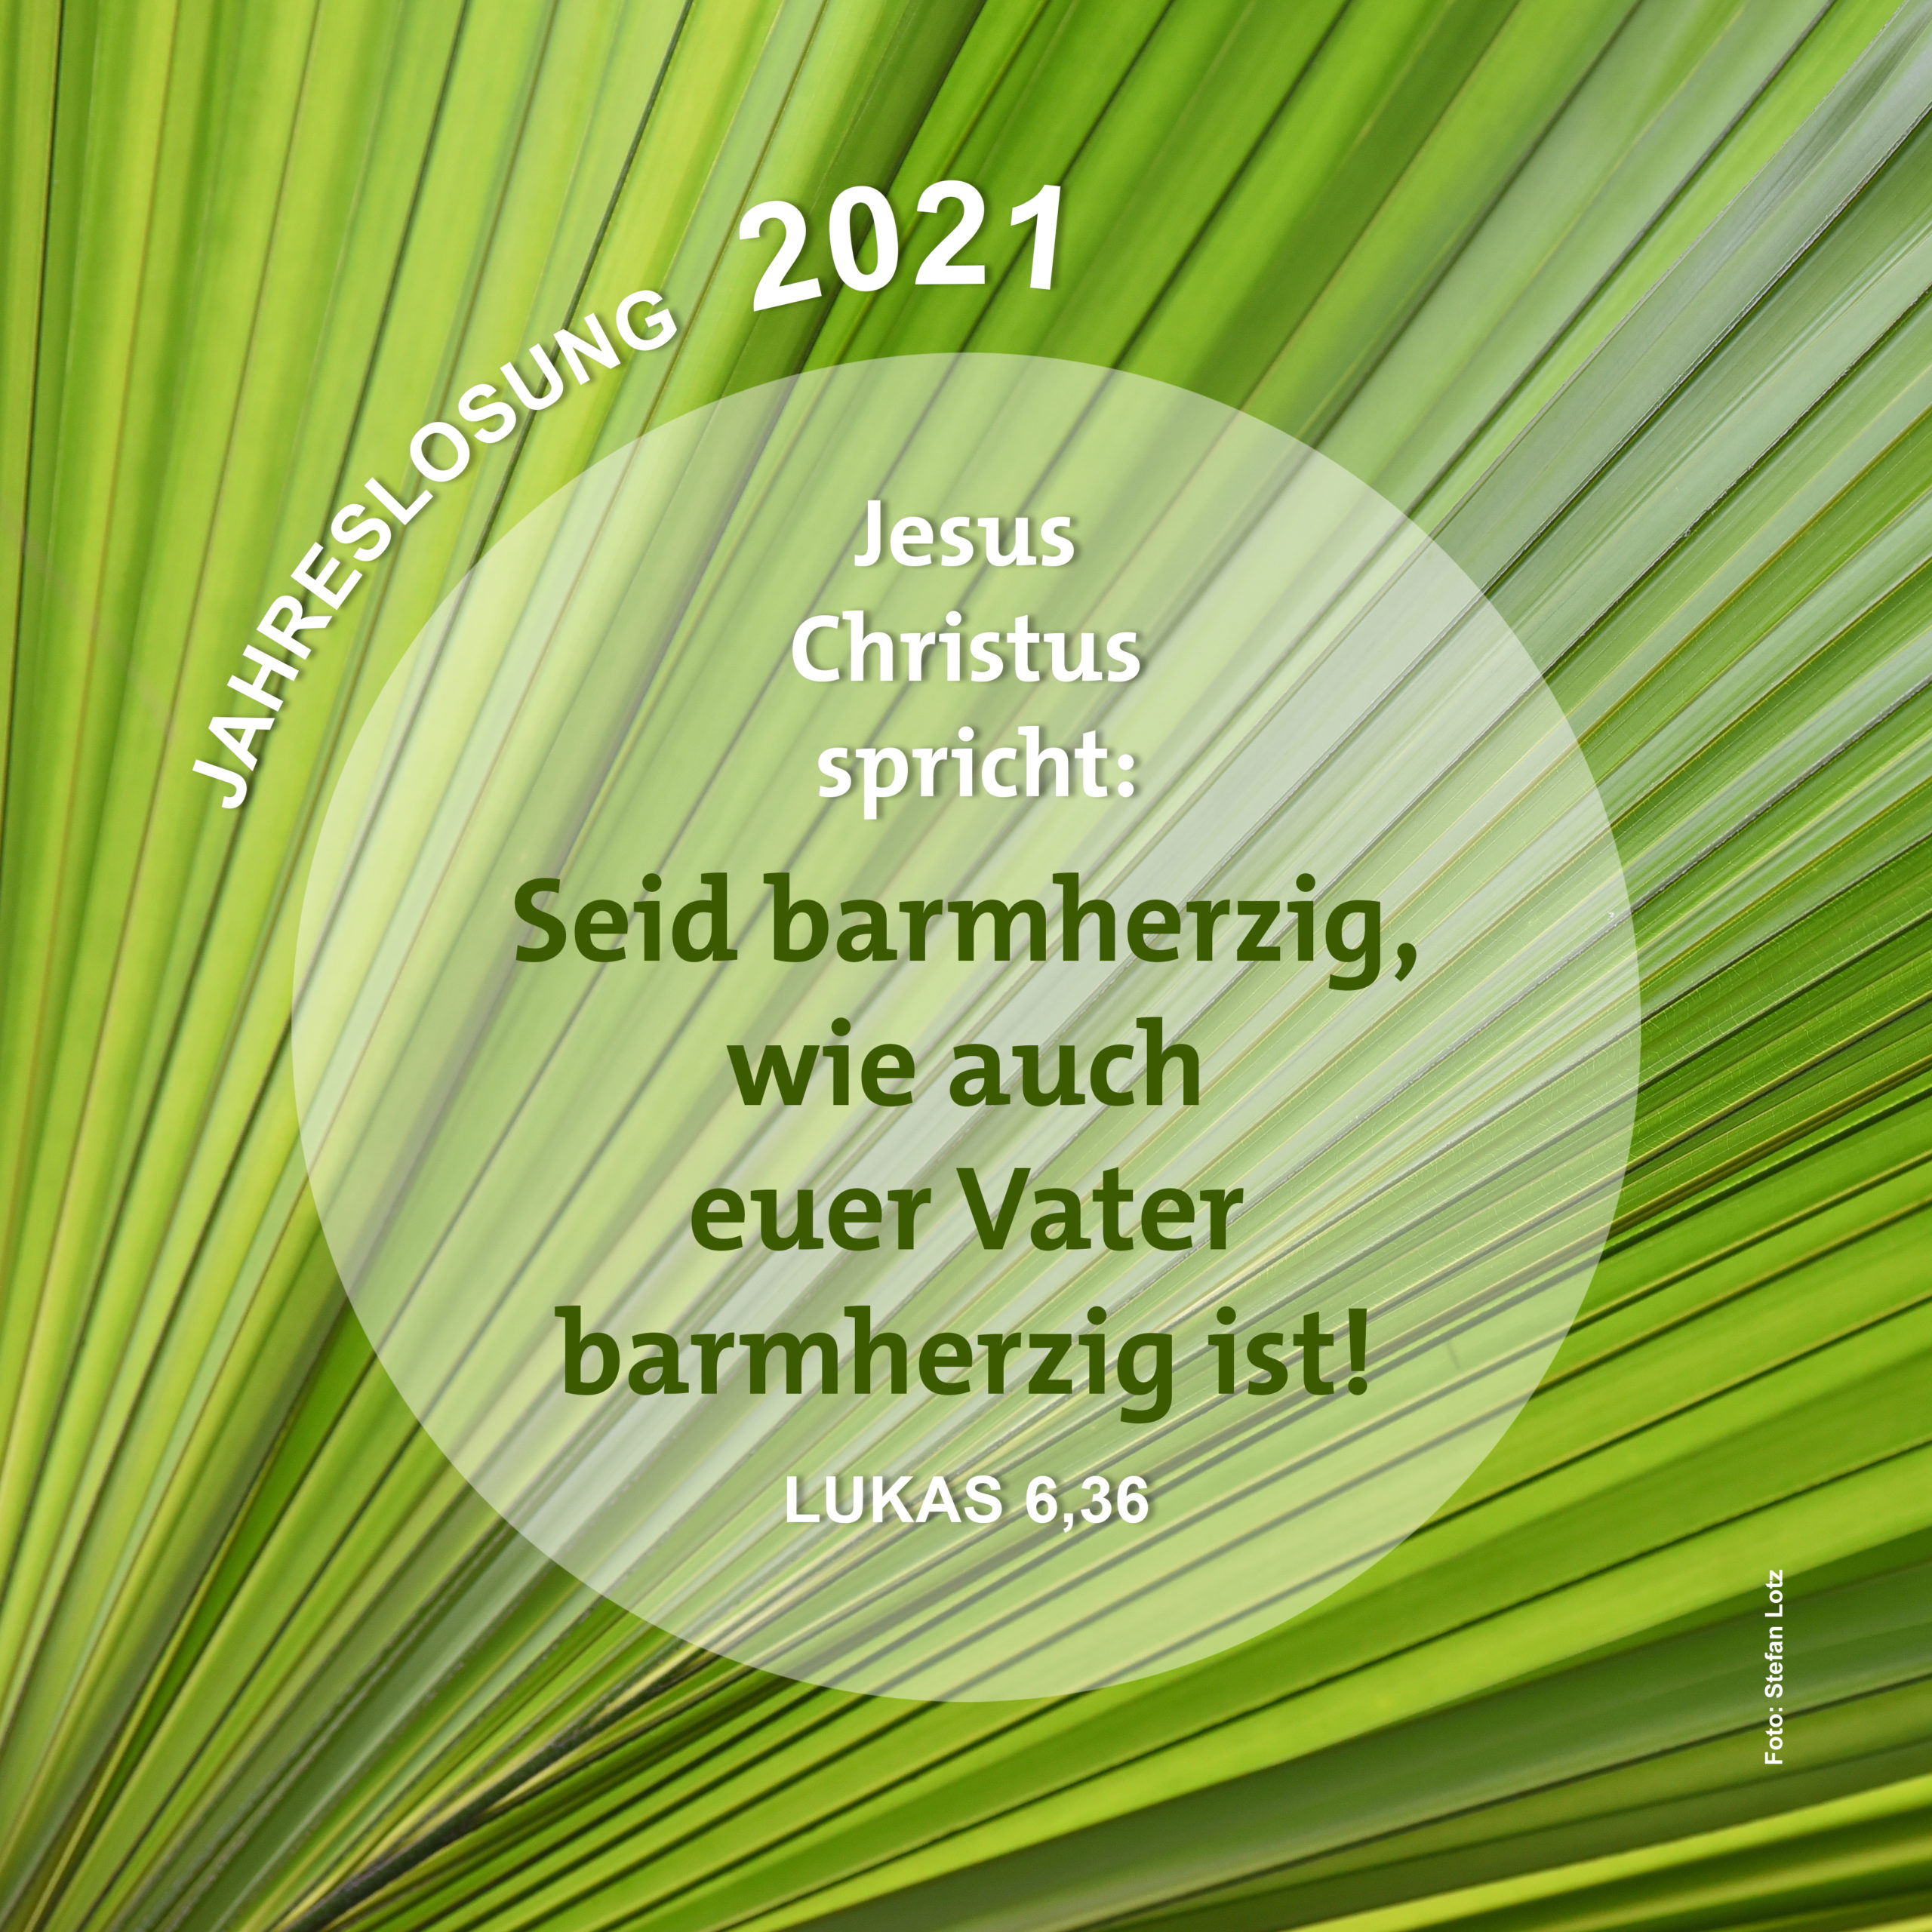 Jahreslosung 2021